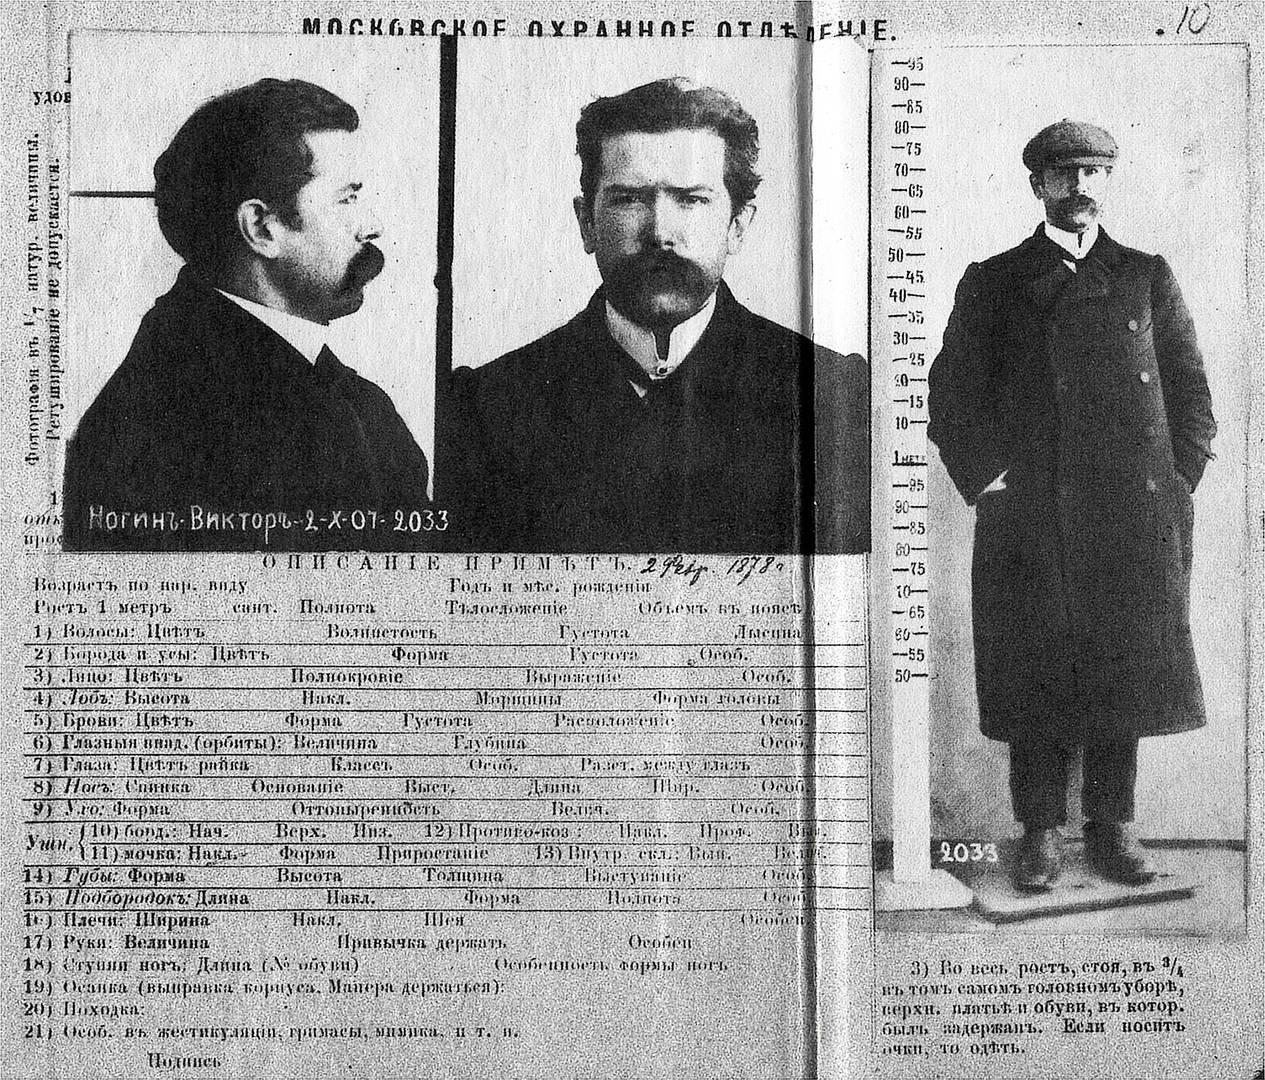 Виктор Павлович Ногин. Фотография из полицейской карточки. 2 октября 1907 г.